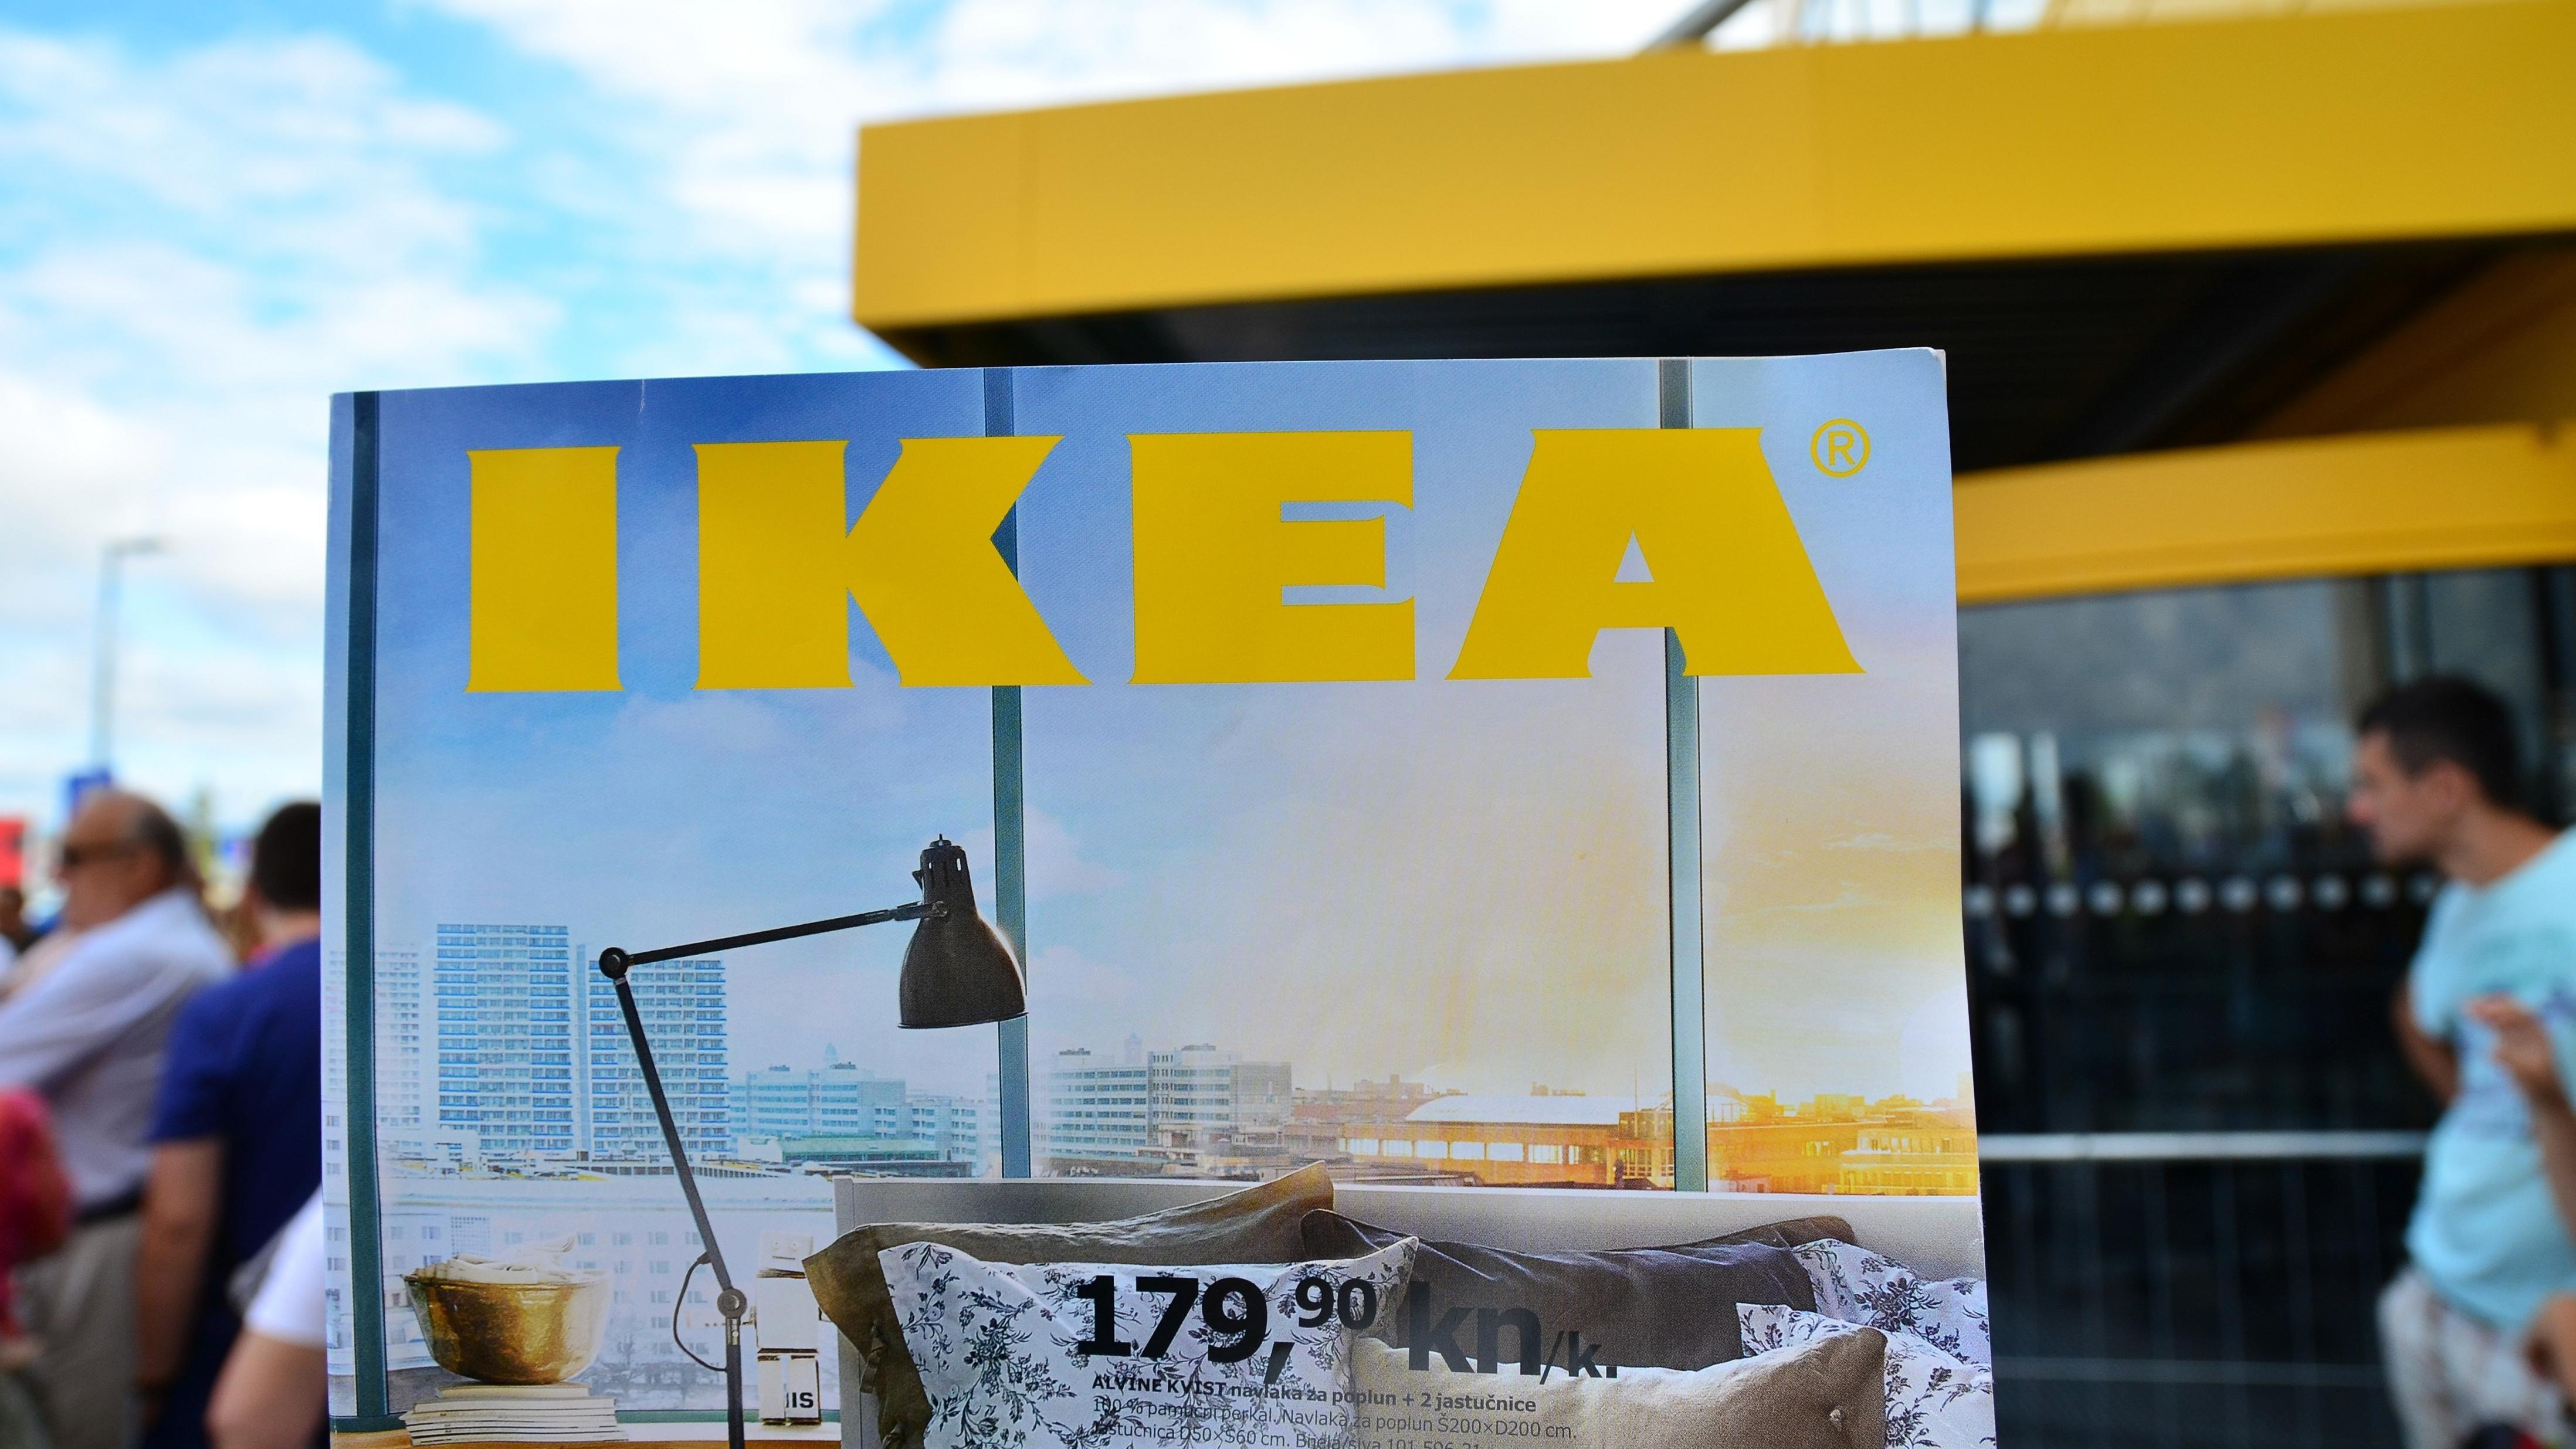 Werbetafel vor einem Ikea-Möbelhaus